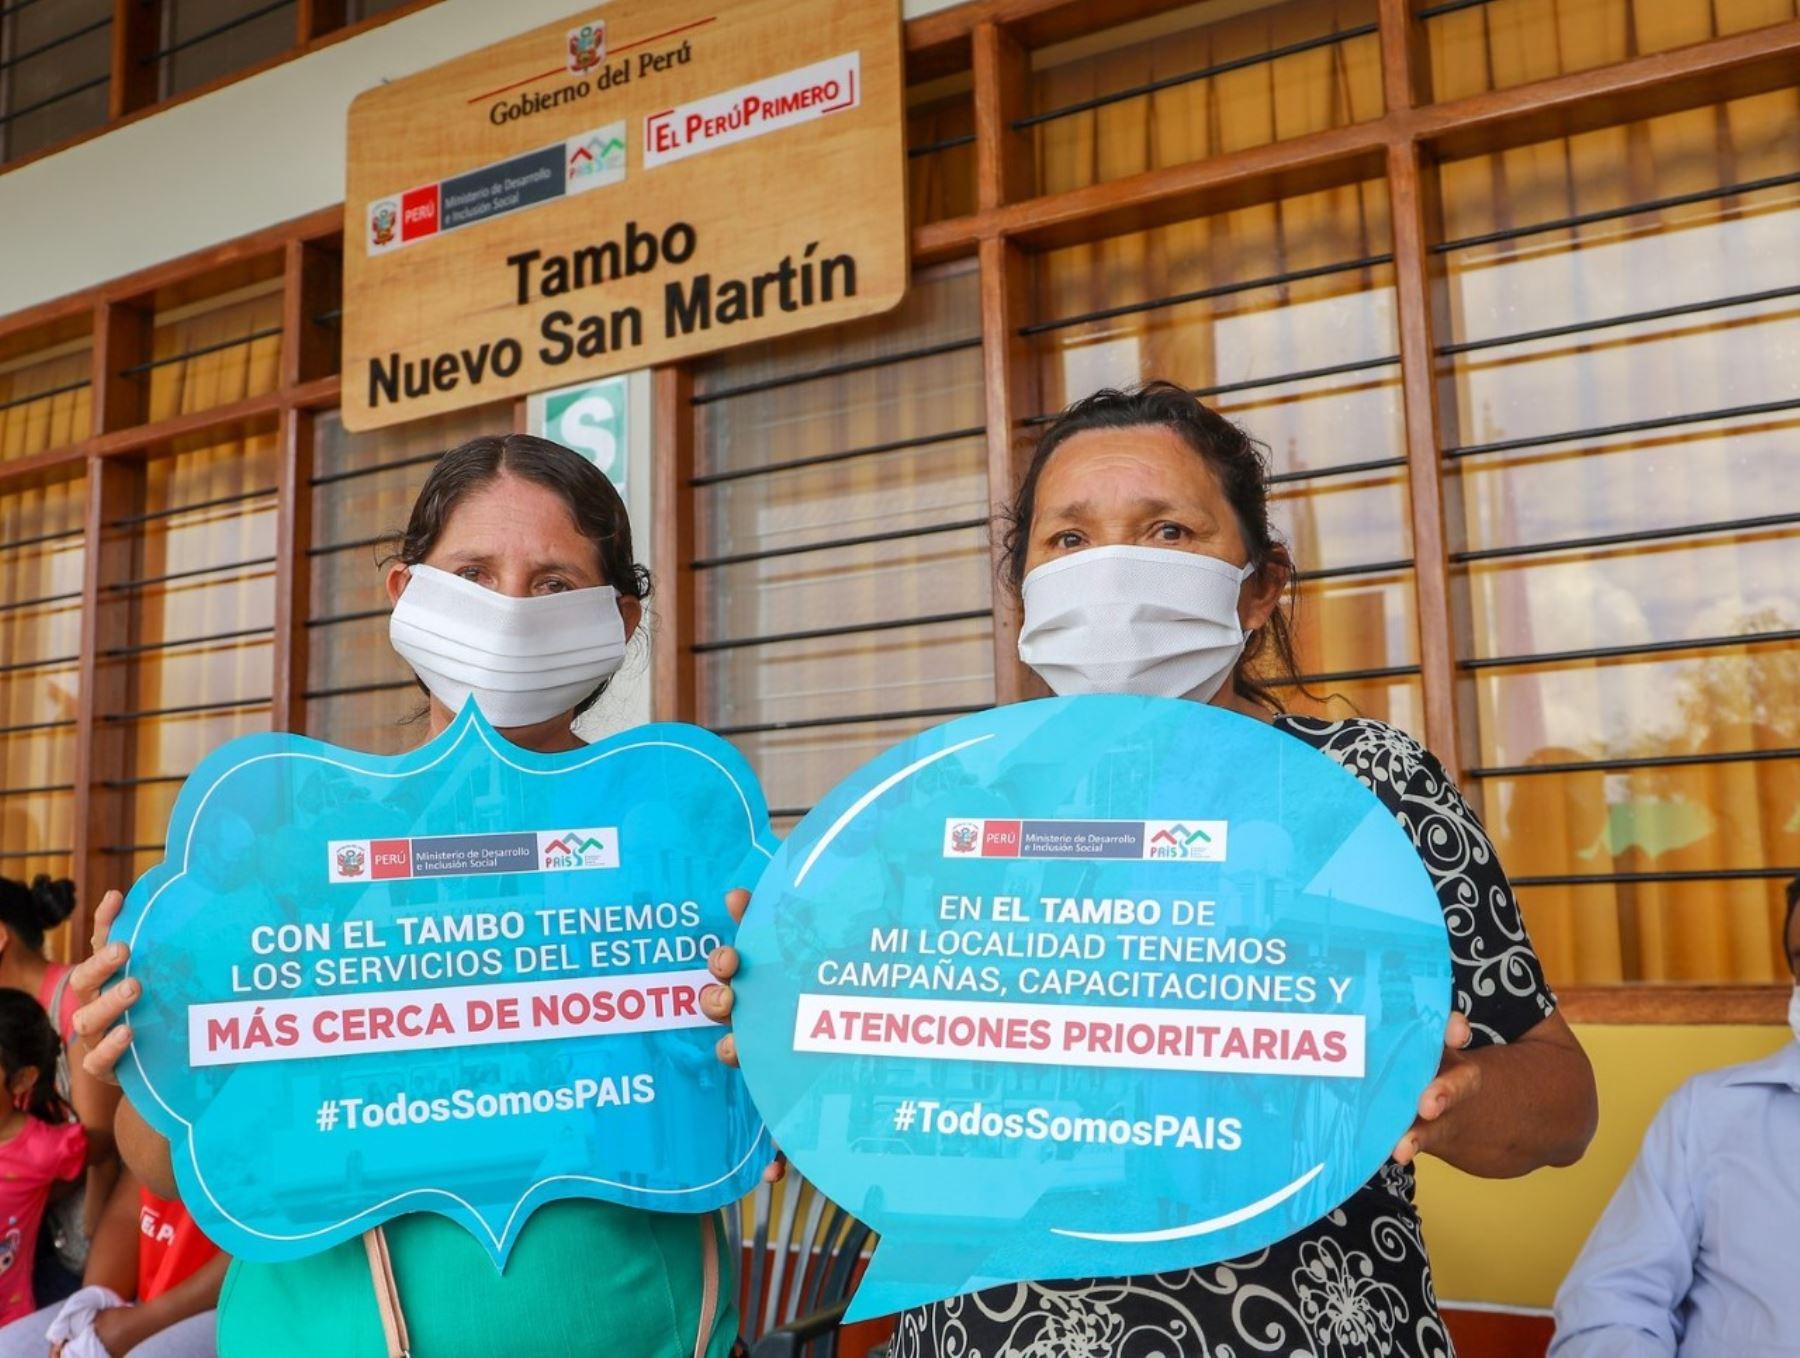 San Martín: Más de 600 familias fueron atendidas por Programa Juntos en Tambos de PAIS